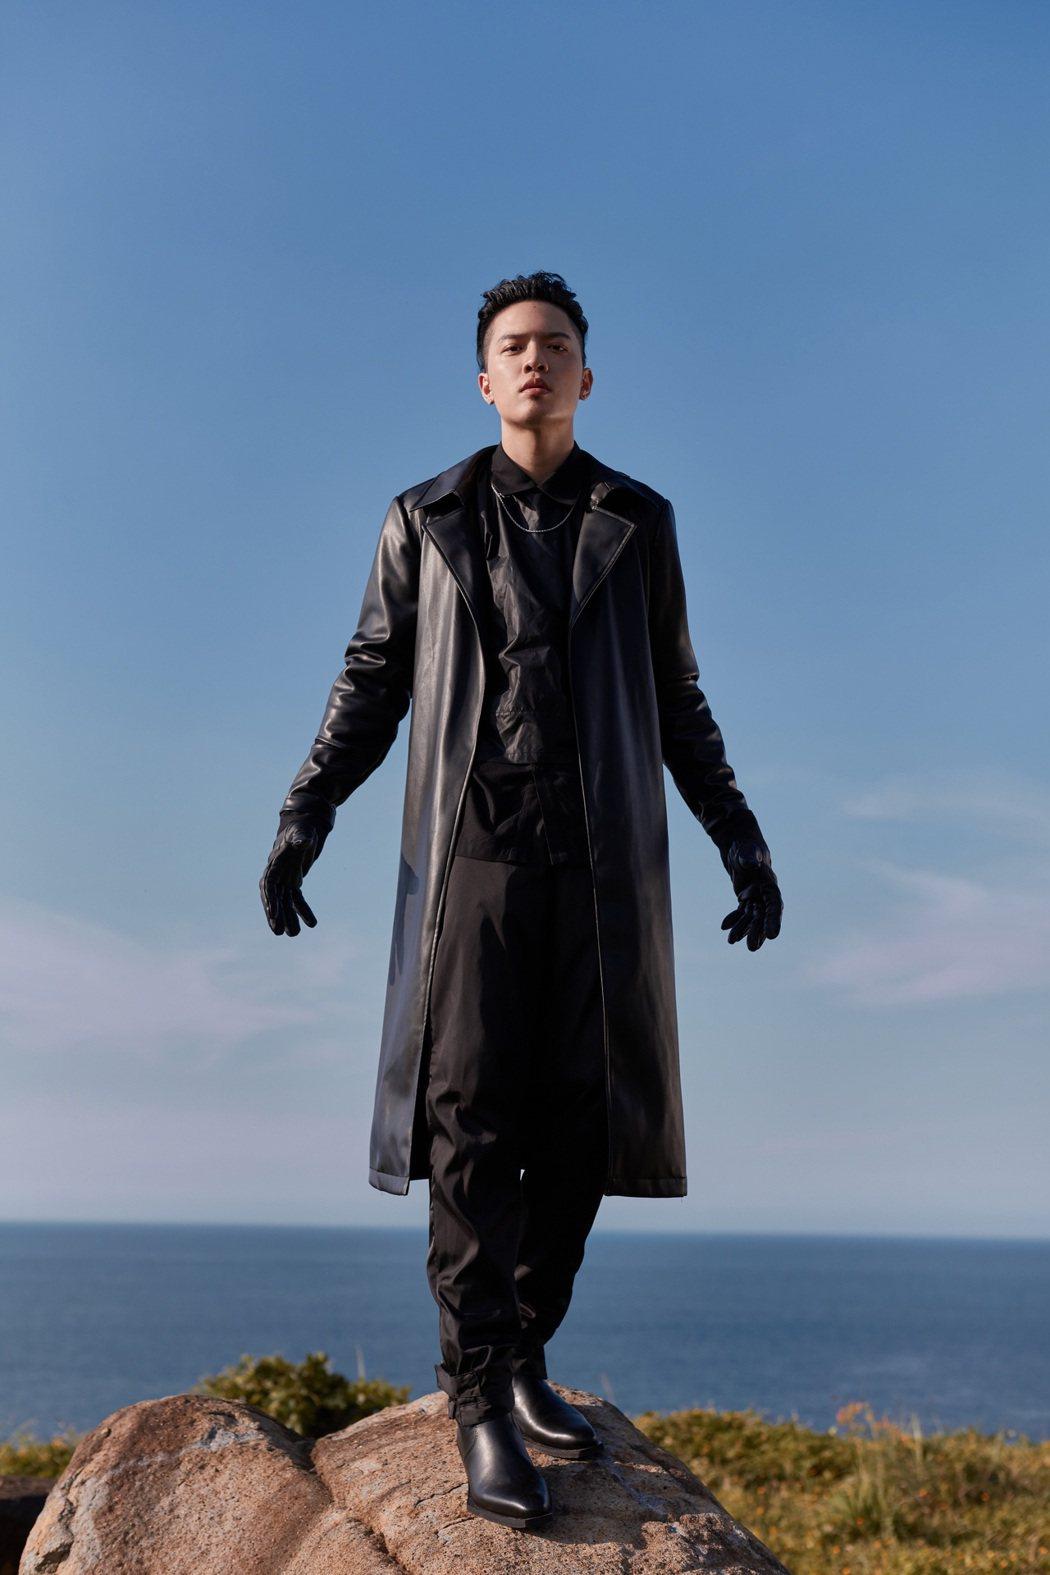 J.Sheon即將推出全新創作單曲「愛已死」。圖/索尼音樂提供